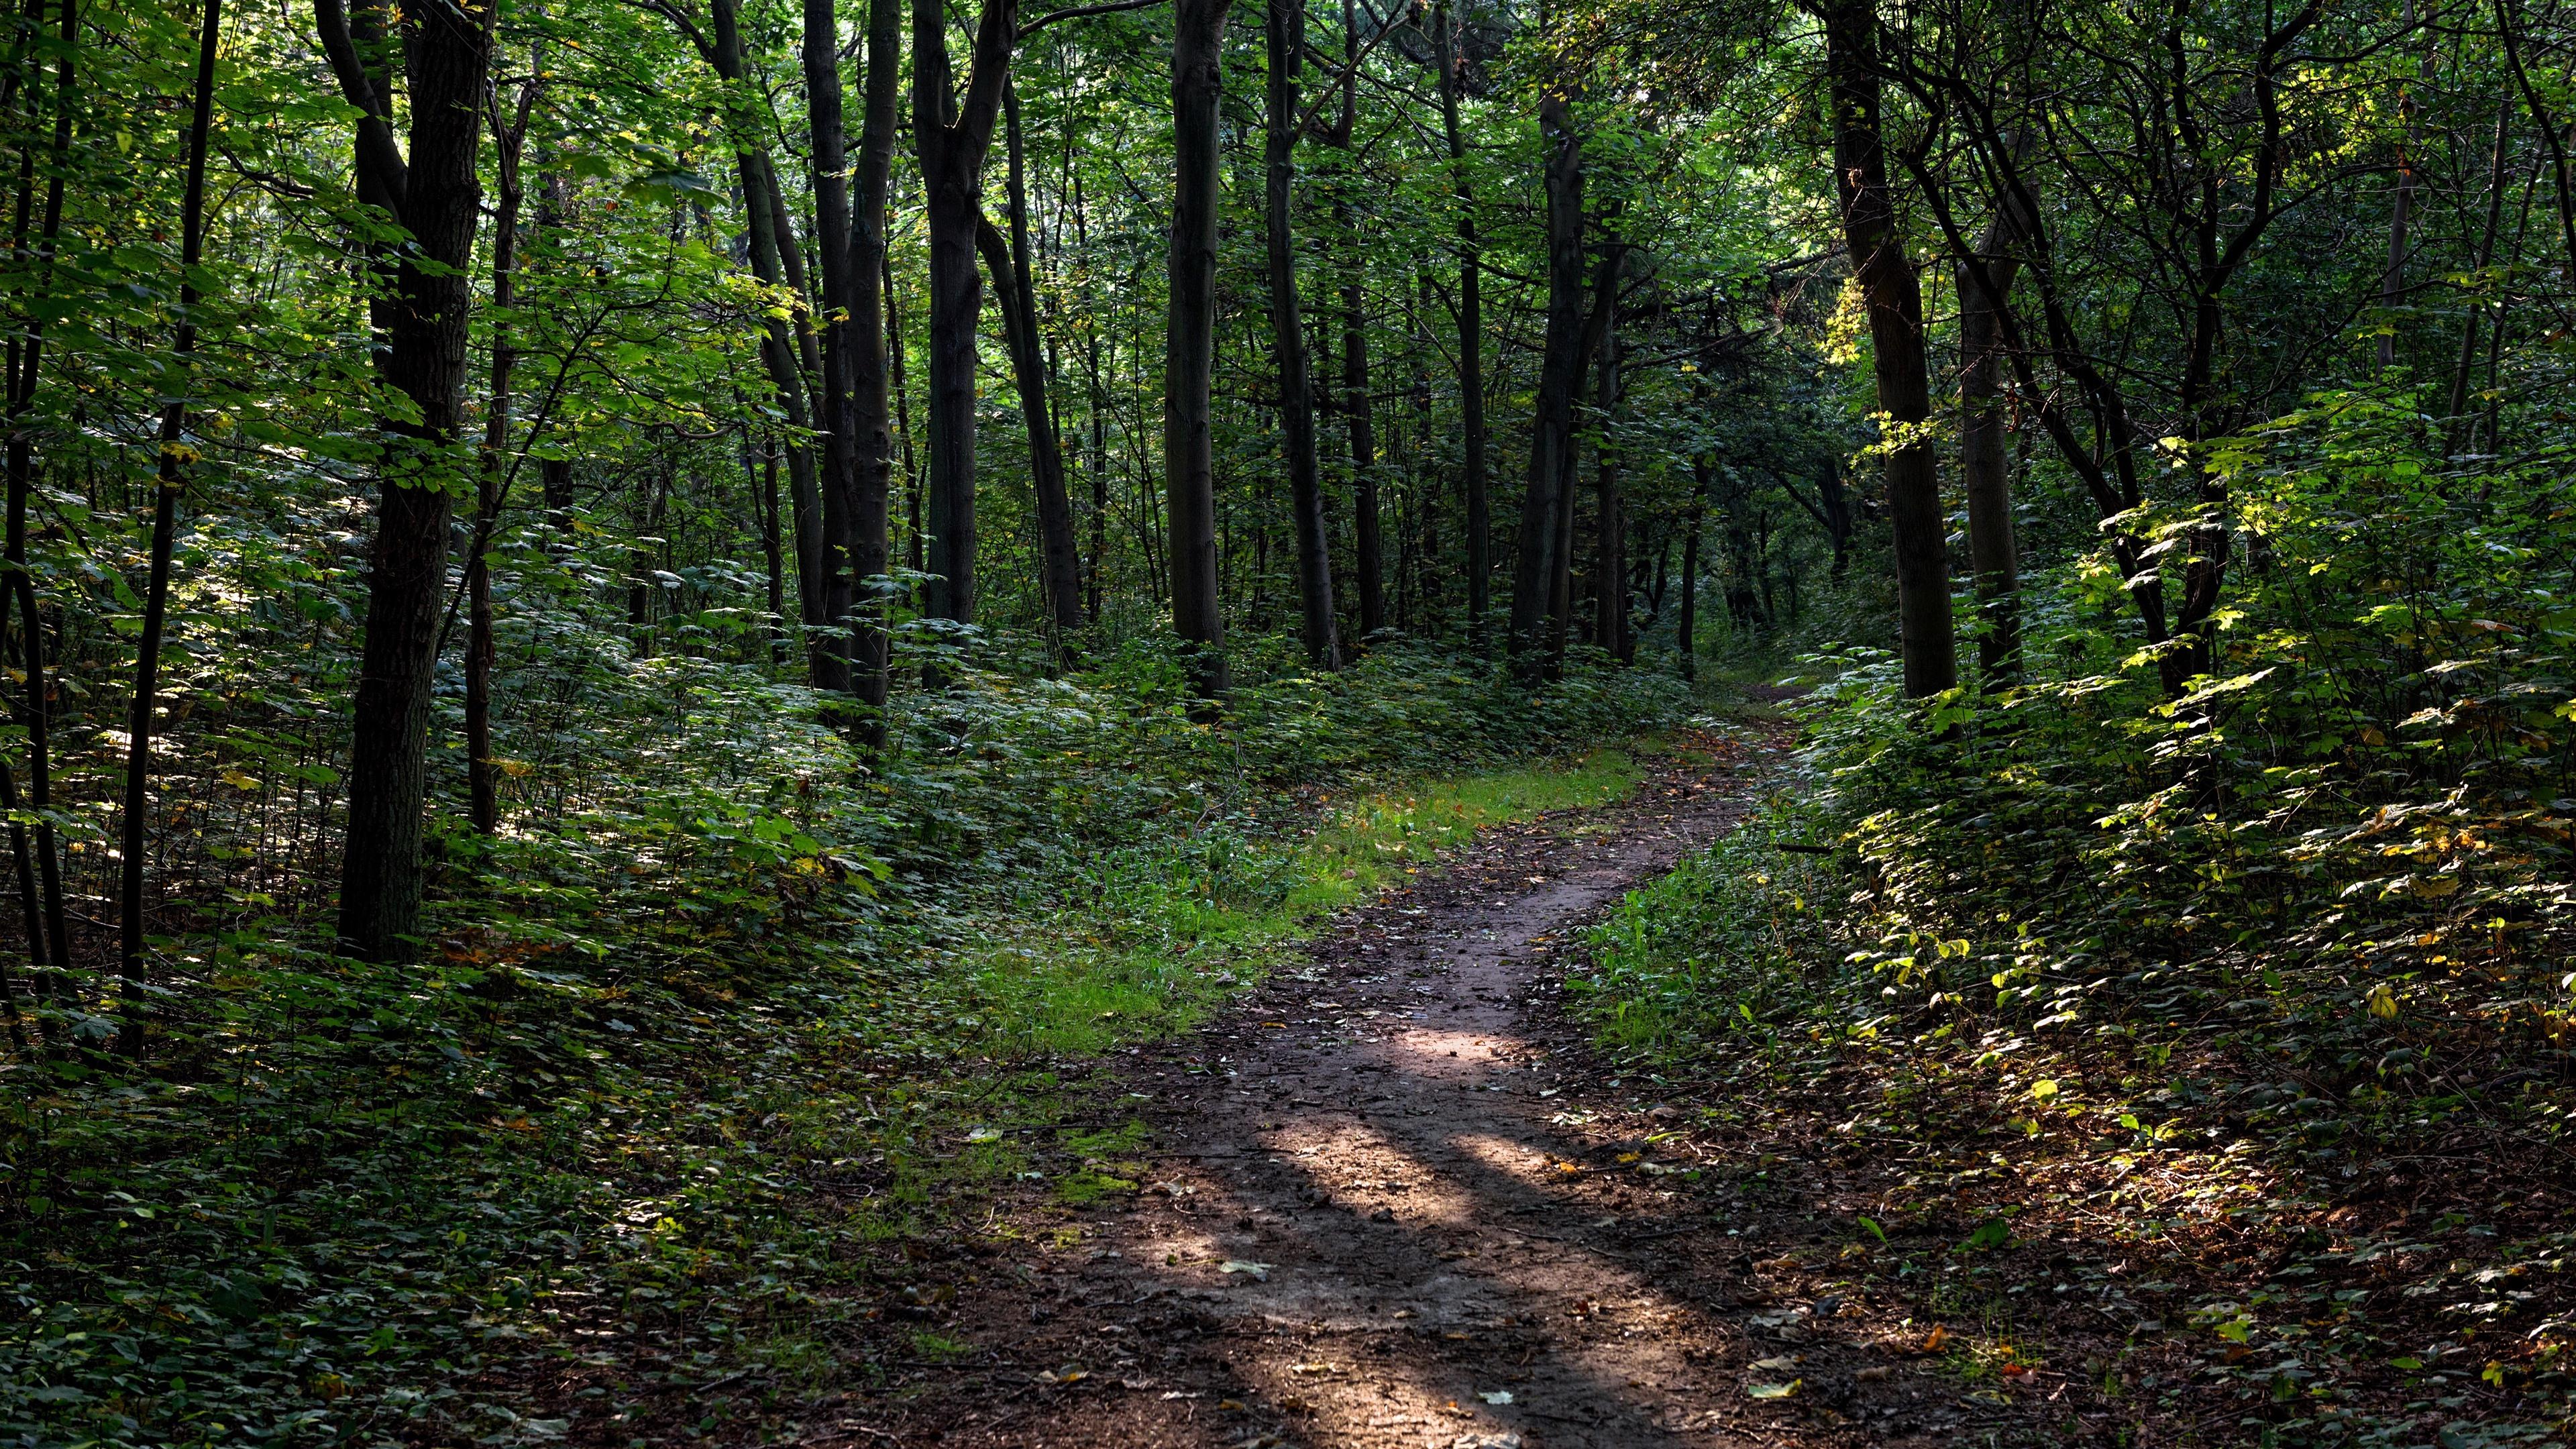 Wallpaper Trees Path Forest Nature Sendero En El Bosque 3840x2160 Wallpaper Teahub Io